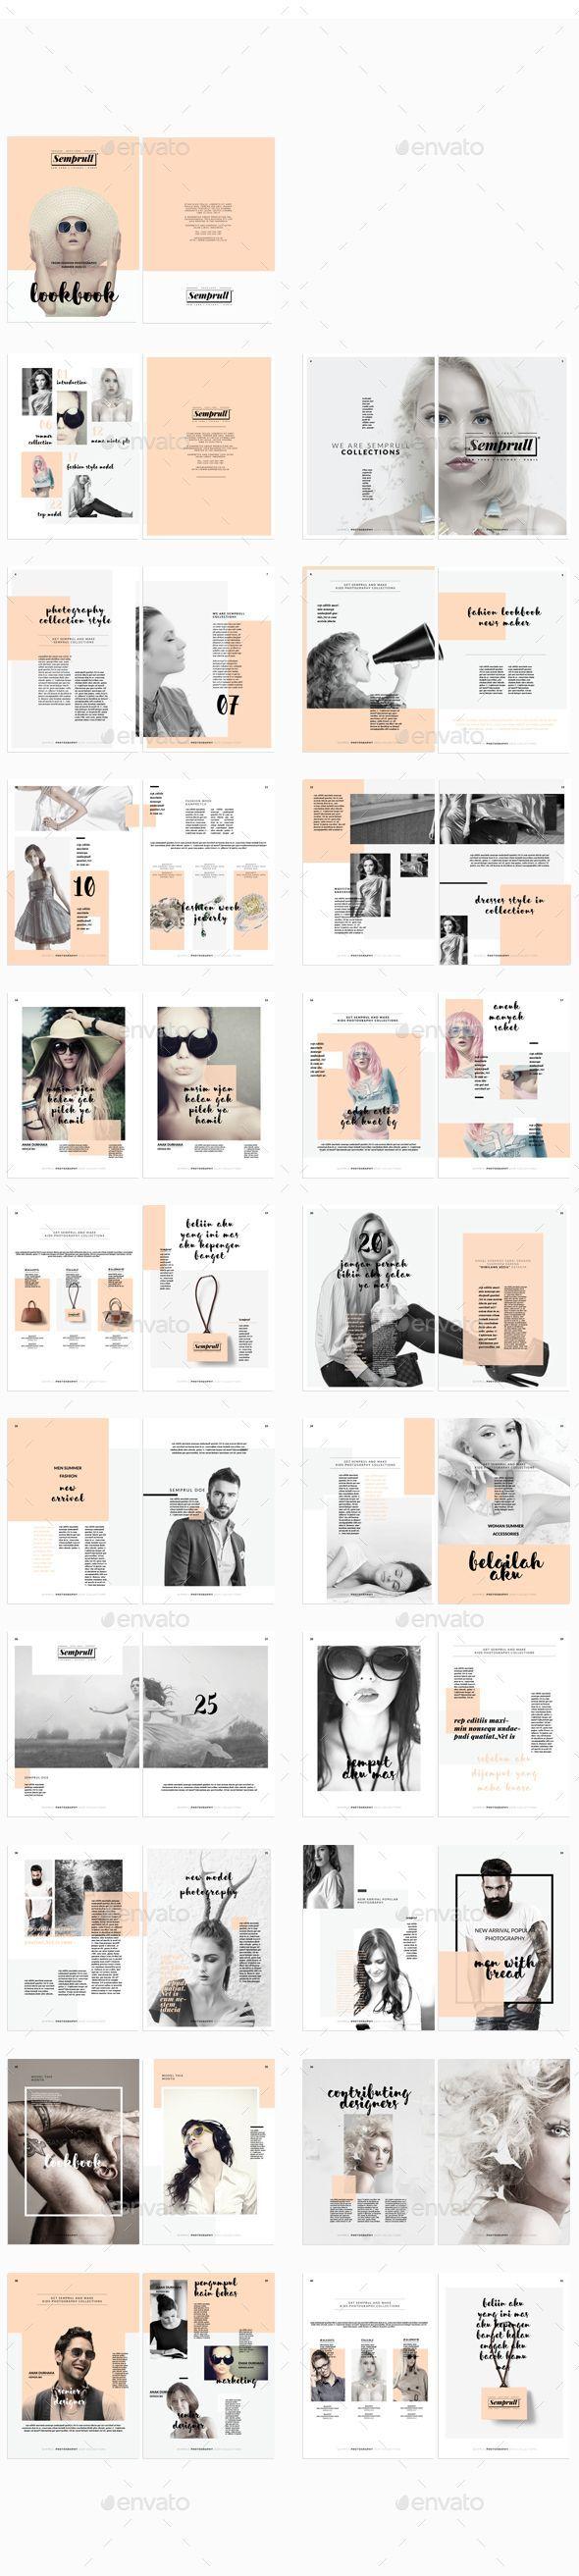 layout design pinterest design. Black Bedroom Furniture Sets. Home Design Ideas